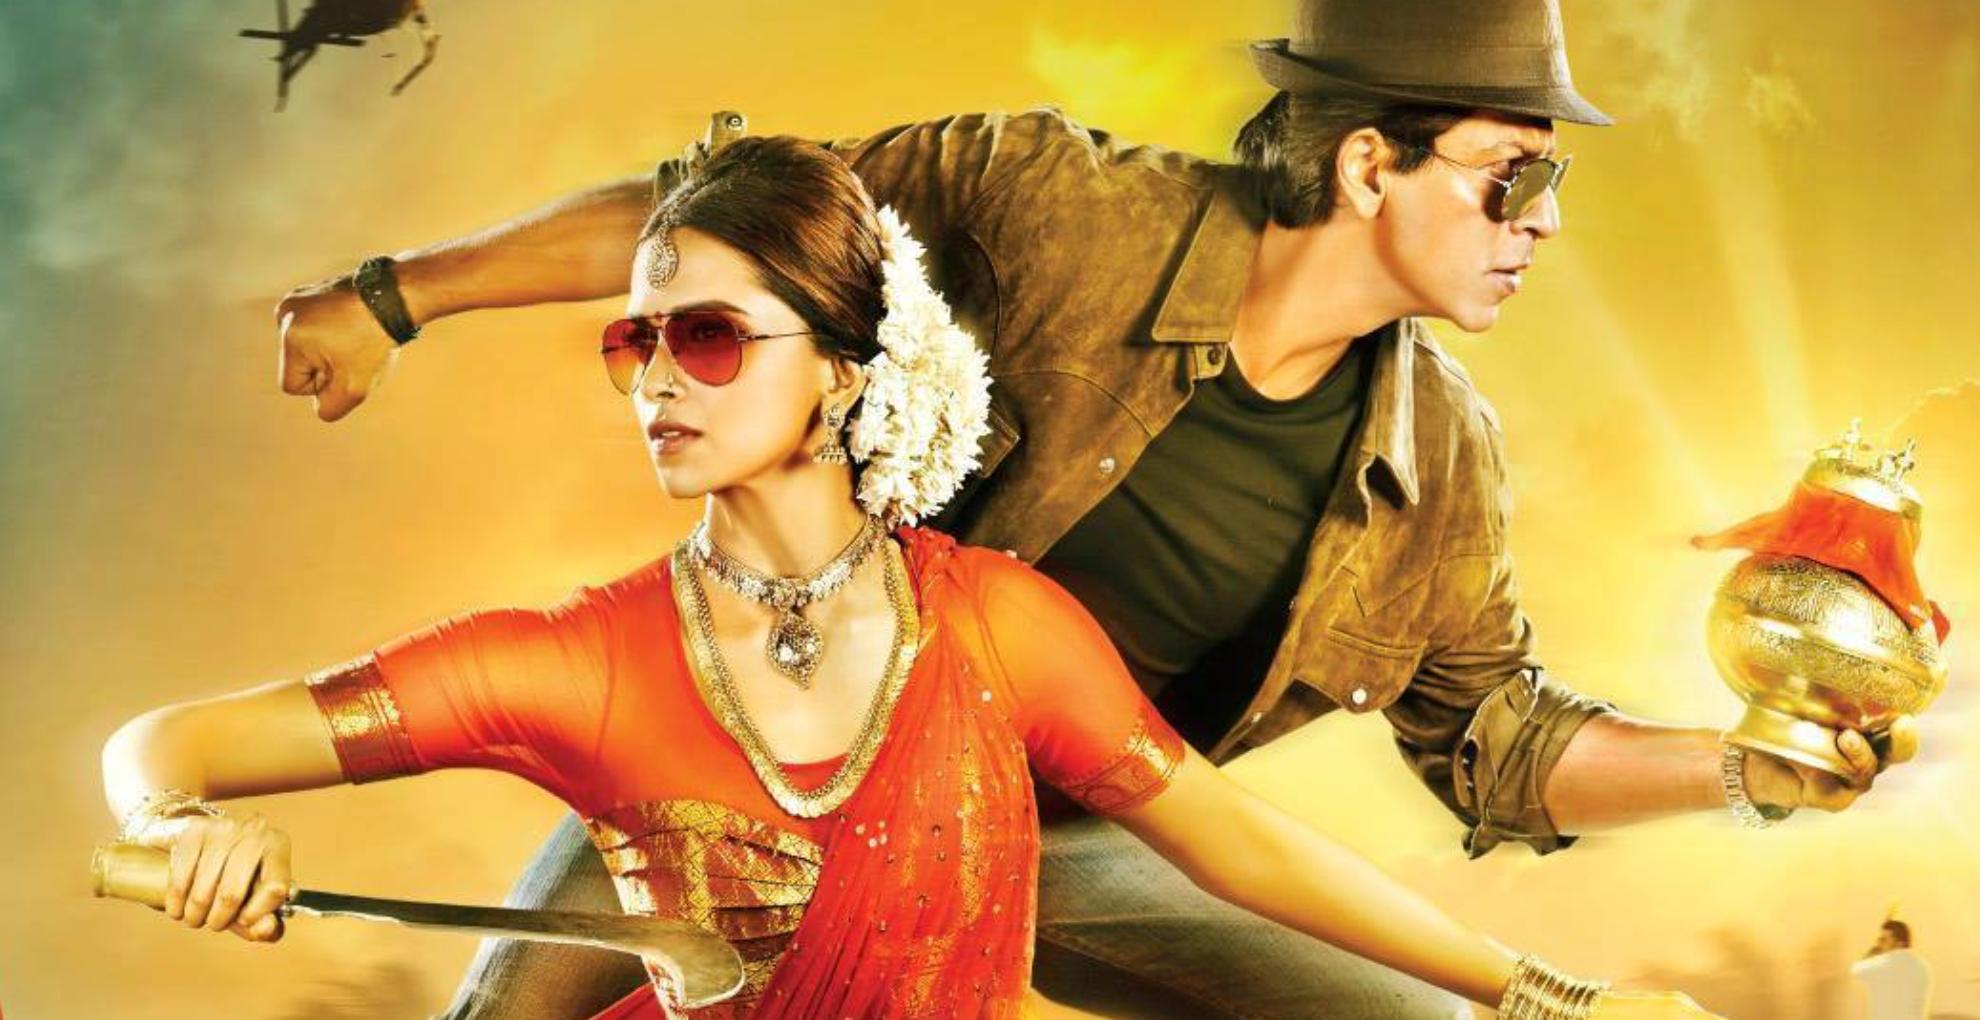 Chennai Express Anniversary: फिल्म के ये 5 डायलॉग इसे बनाते हैं खास, आज भी इन्हें सुनकर आपको आ जाएगी हंसी